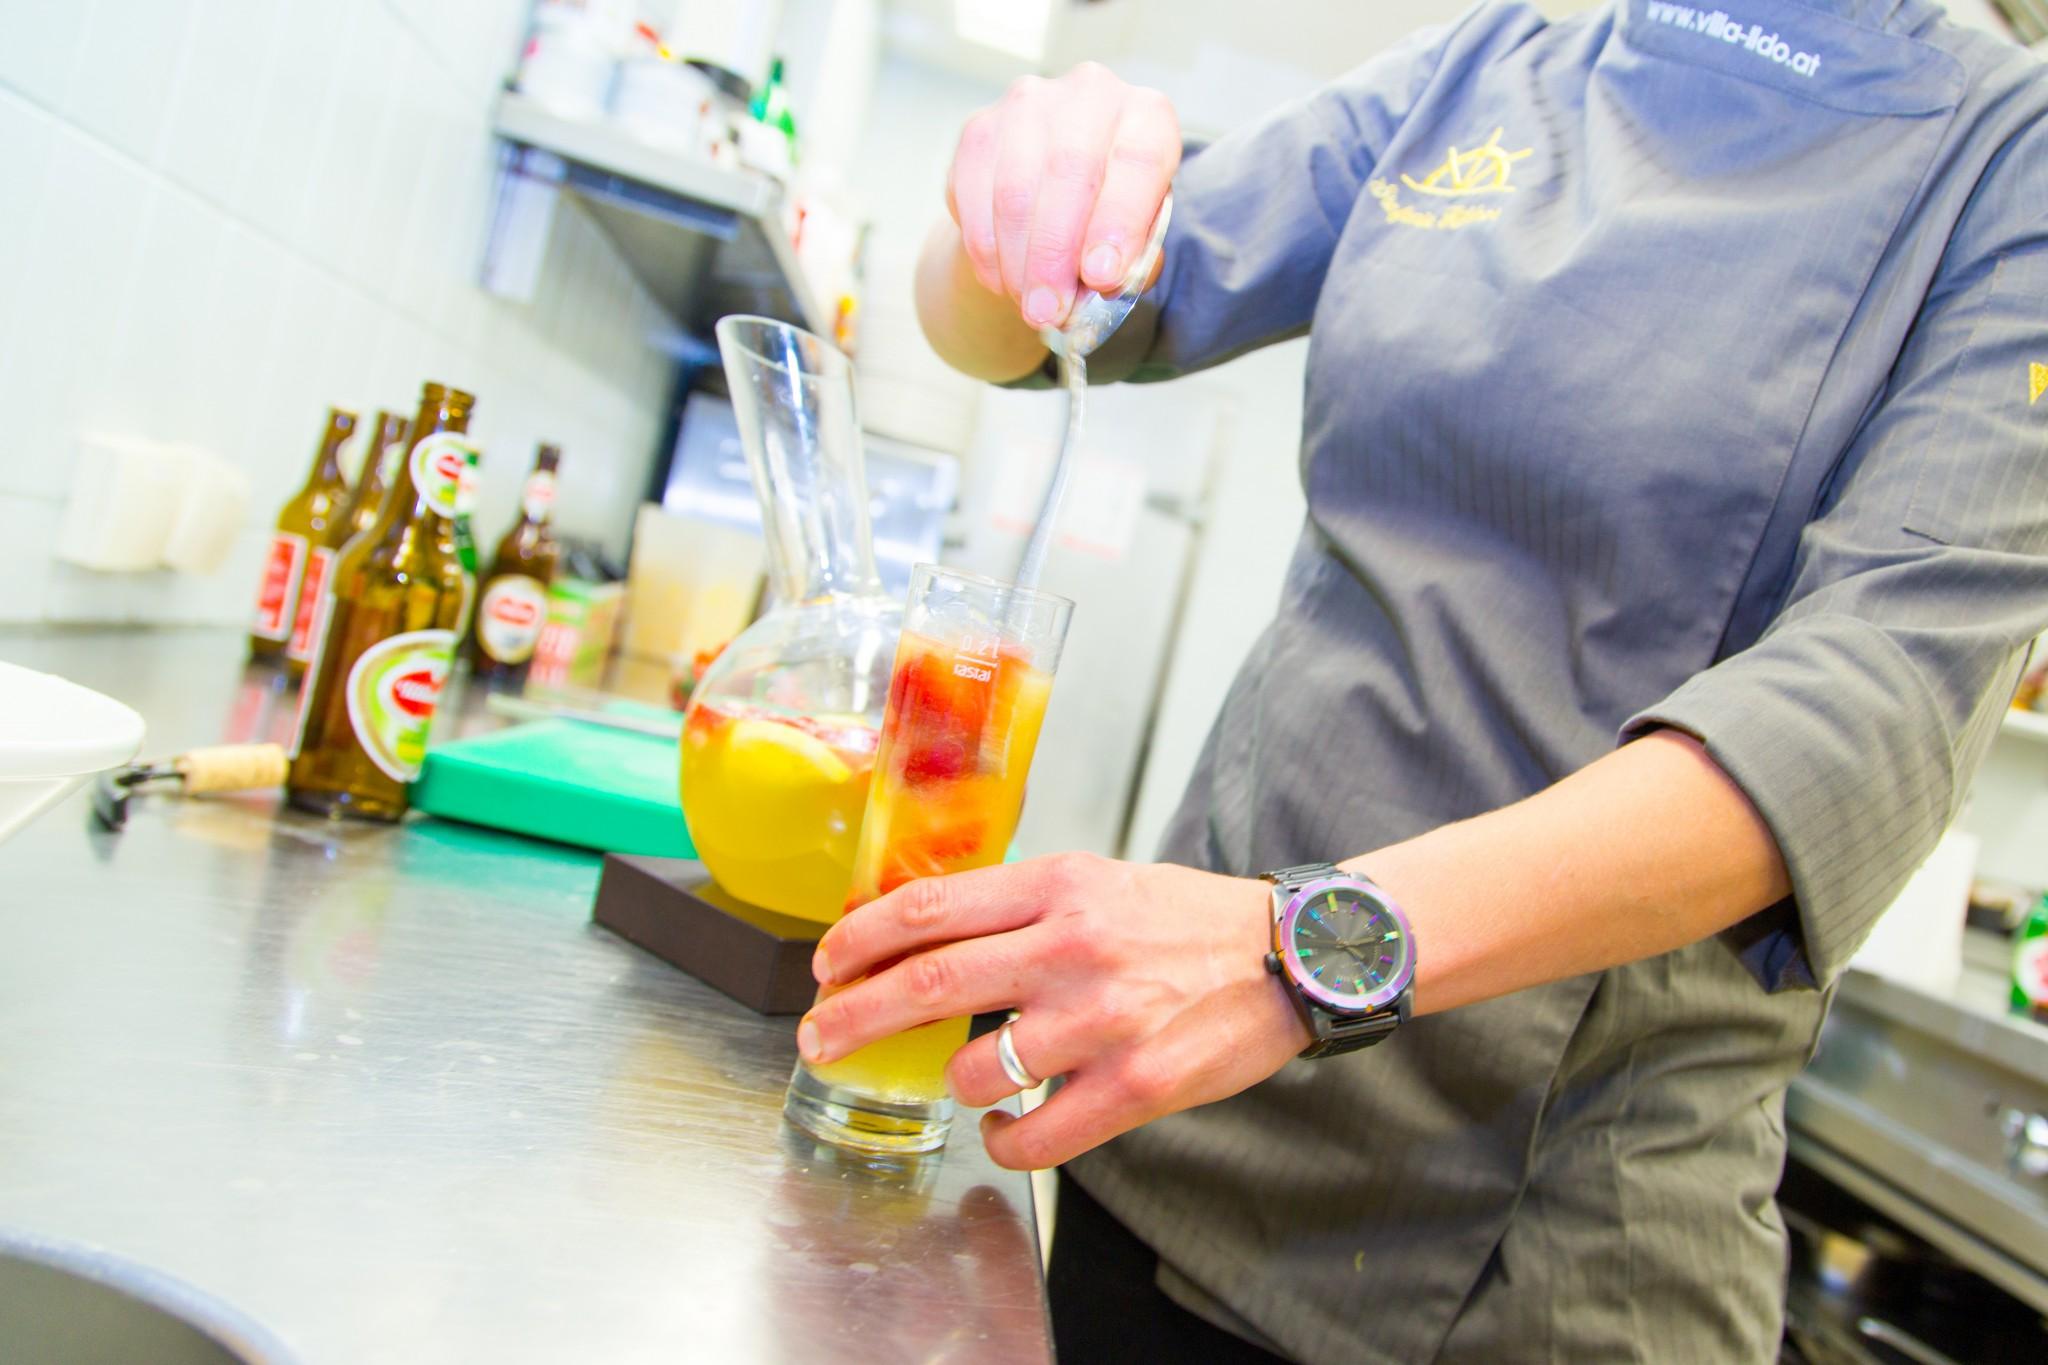 Kochen mit Steffi: Villacher Radler Bowle im Lido. Foto: pixelpoint